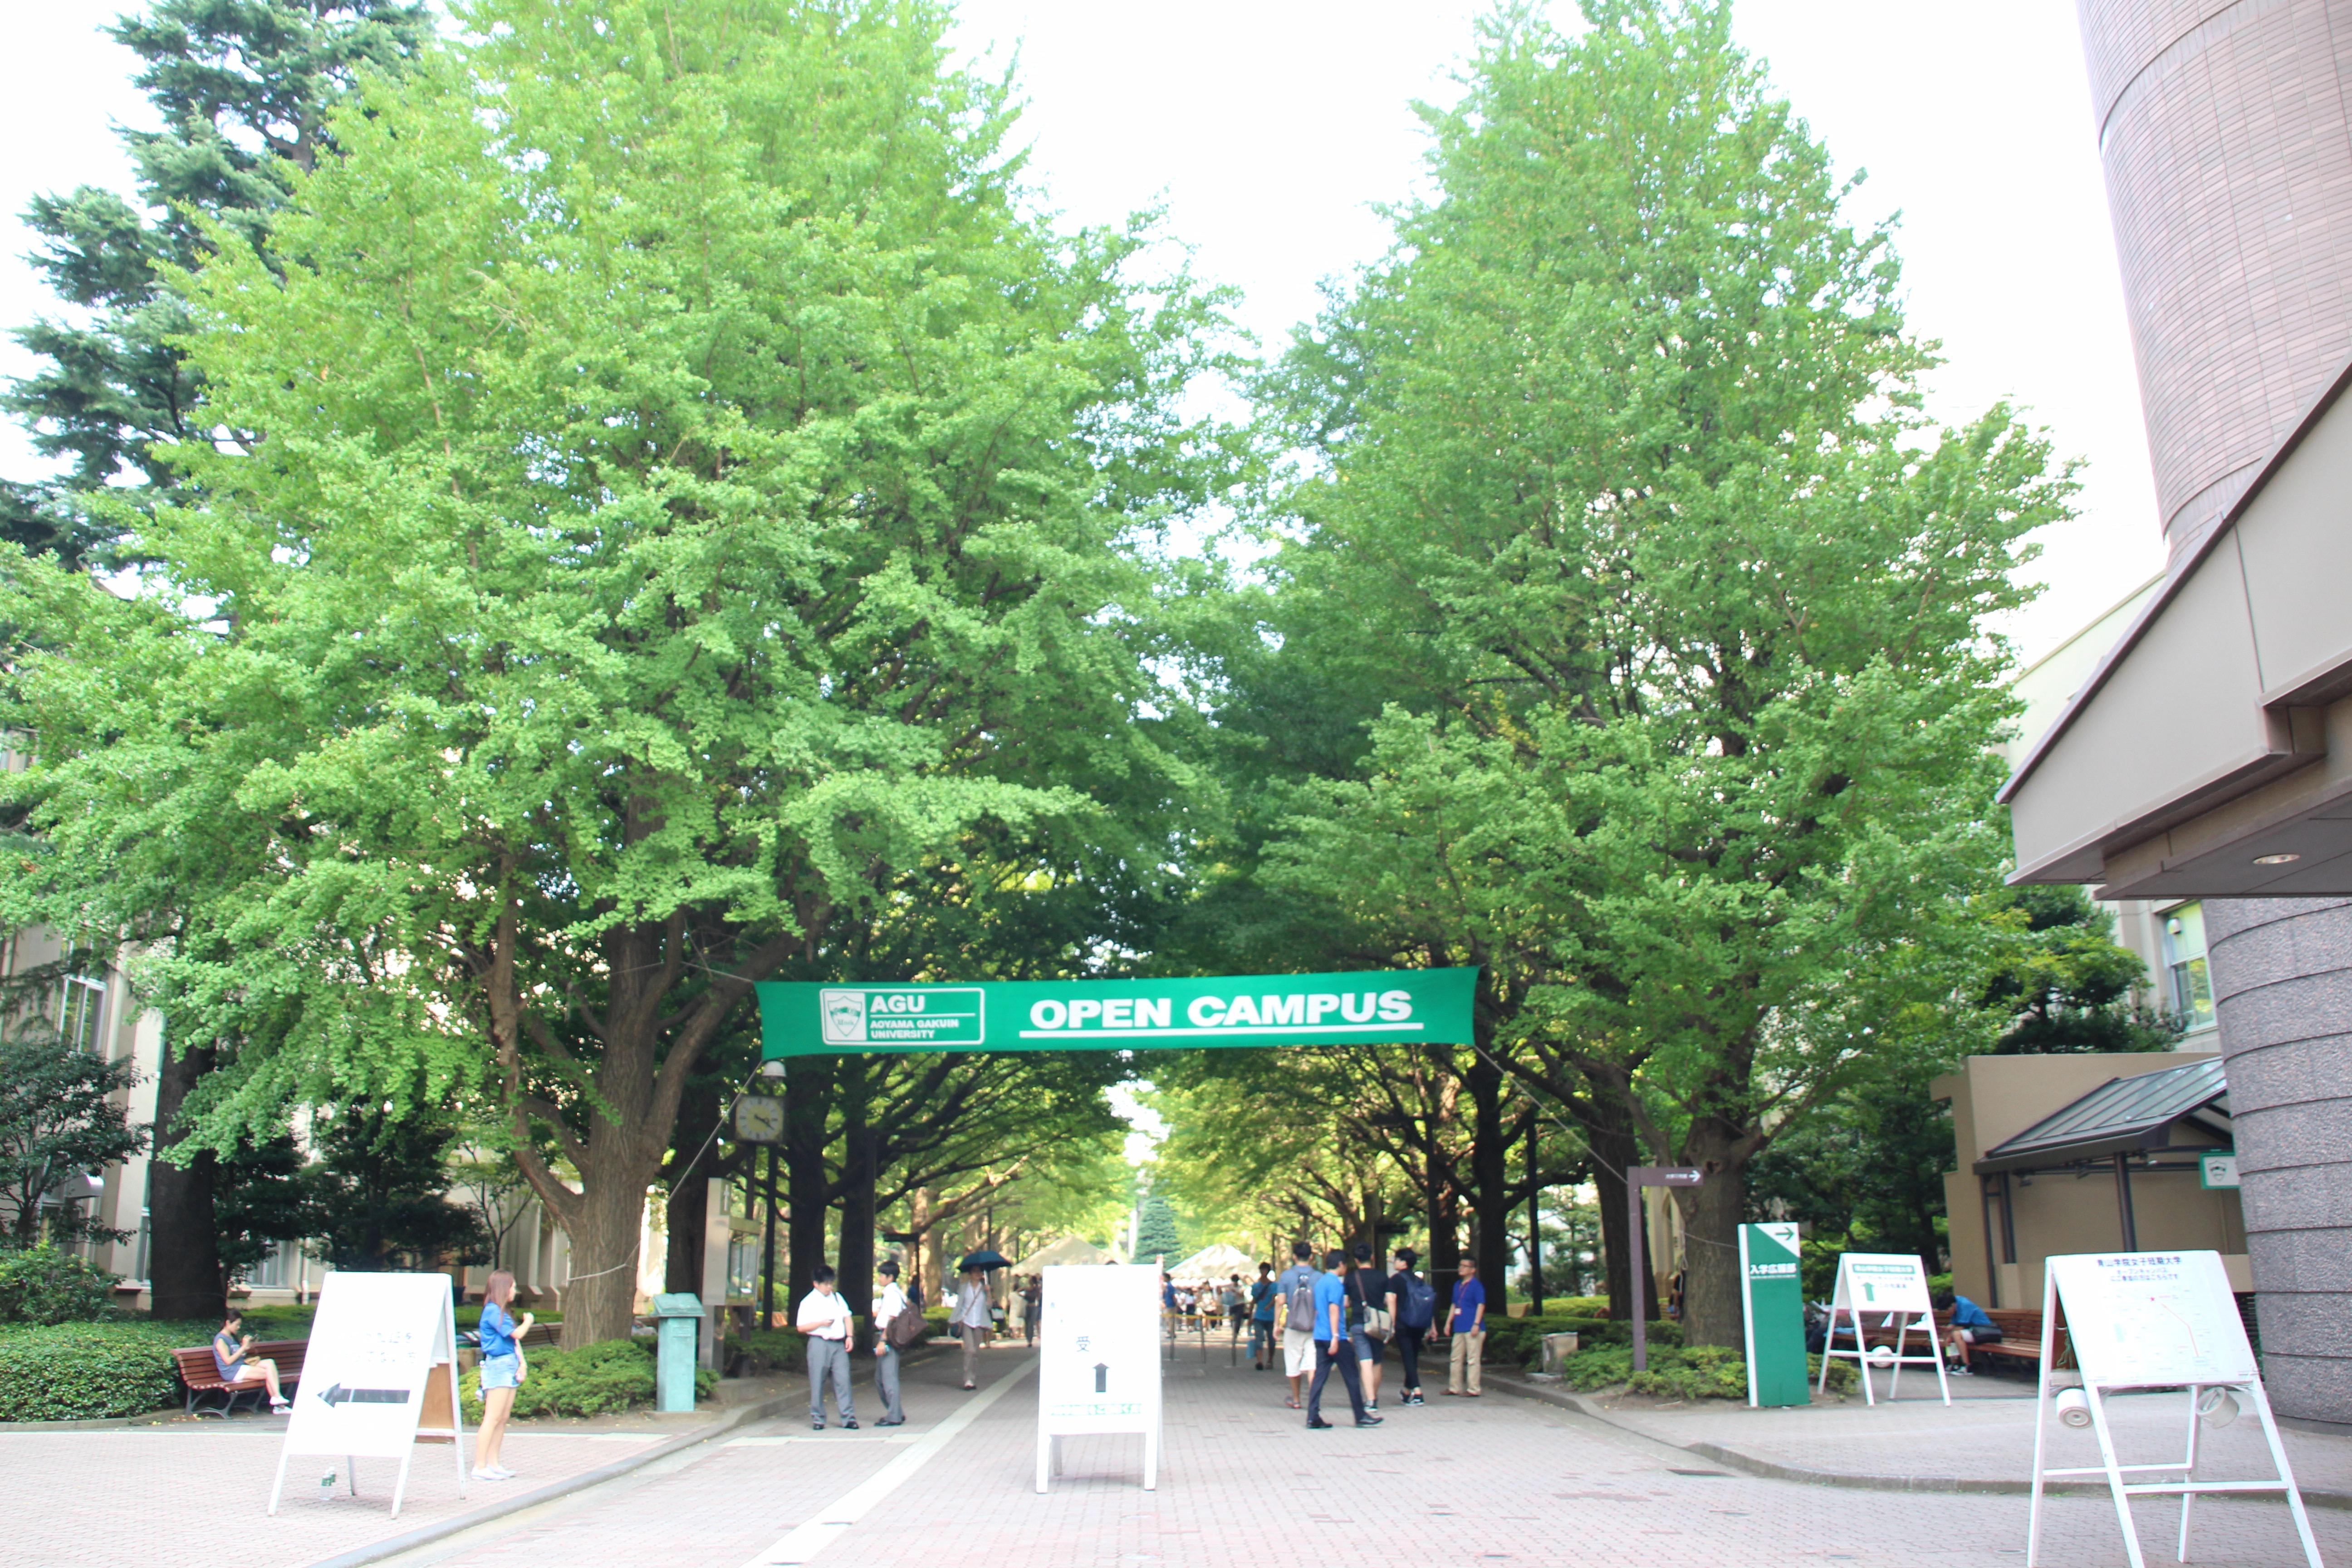 関東 学院 大学 オーキャン